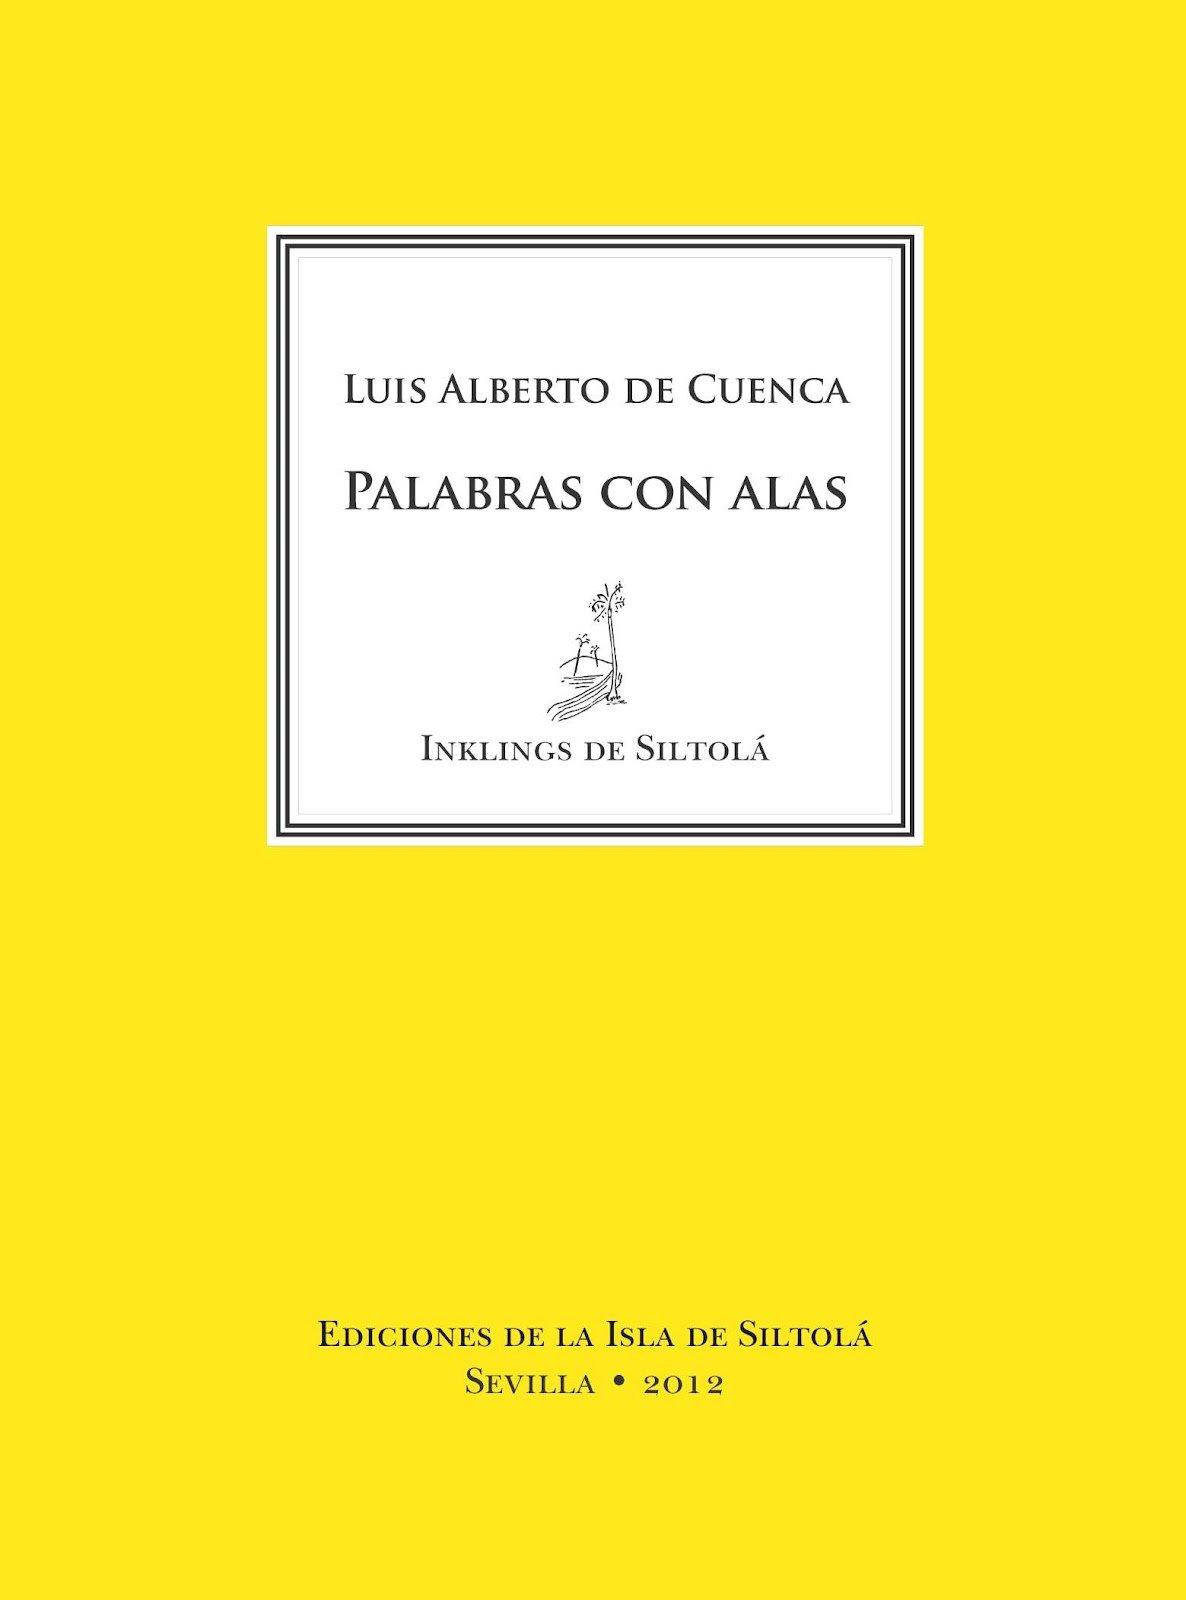 Palabras con alas de Luis Alberto de Cuenca